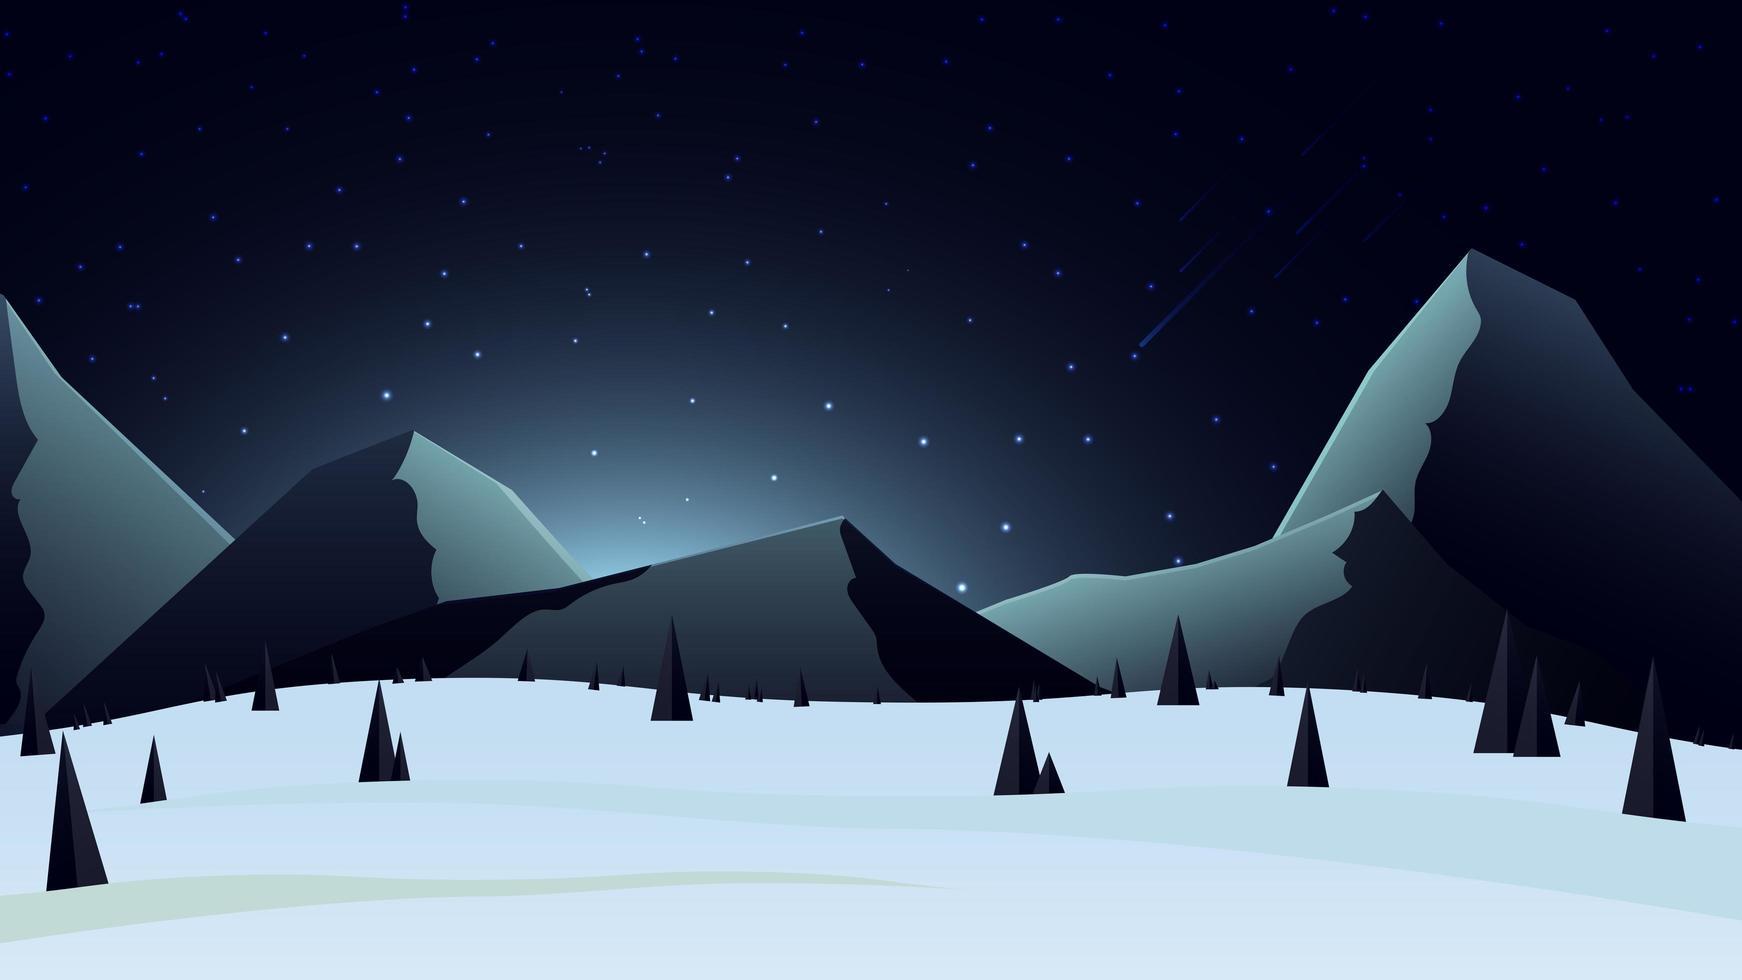 paisagem de inverno com montanhas nevadas no horizonte vetor